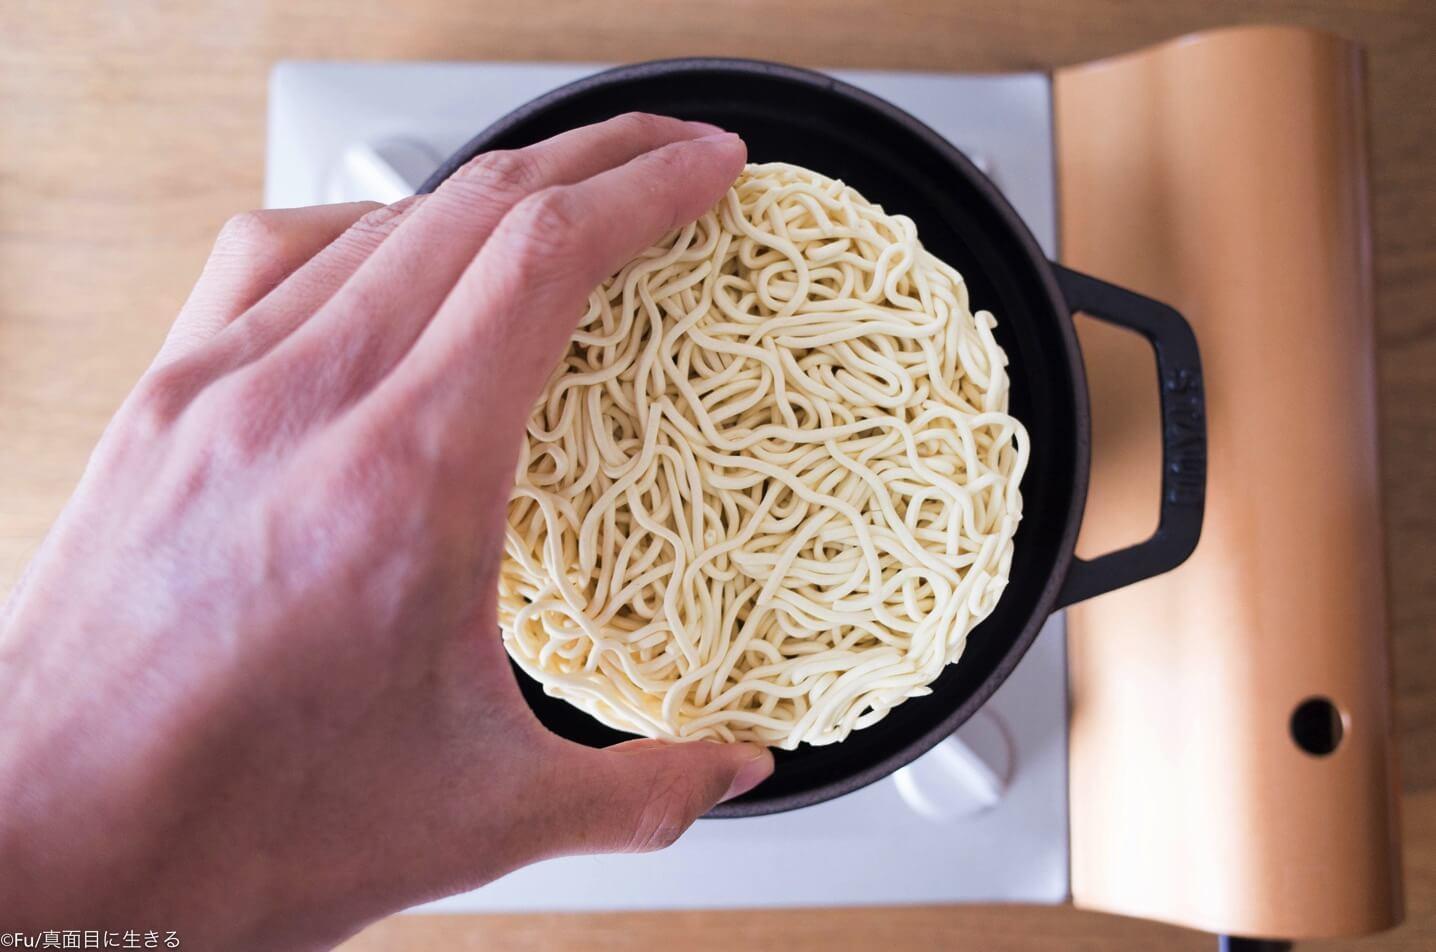 丸い麺がすっぽり入る